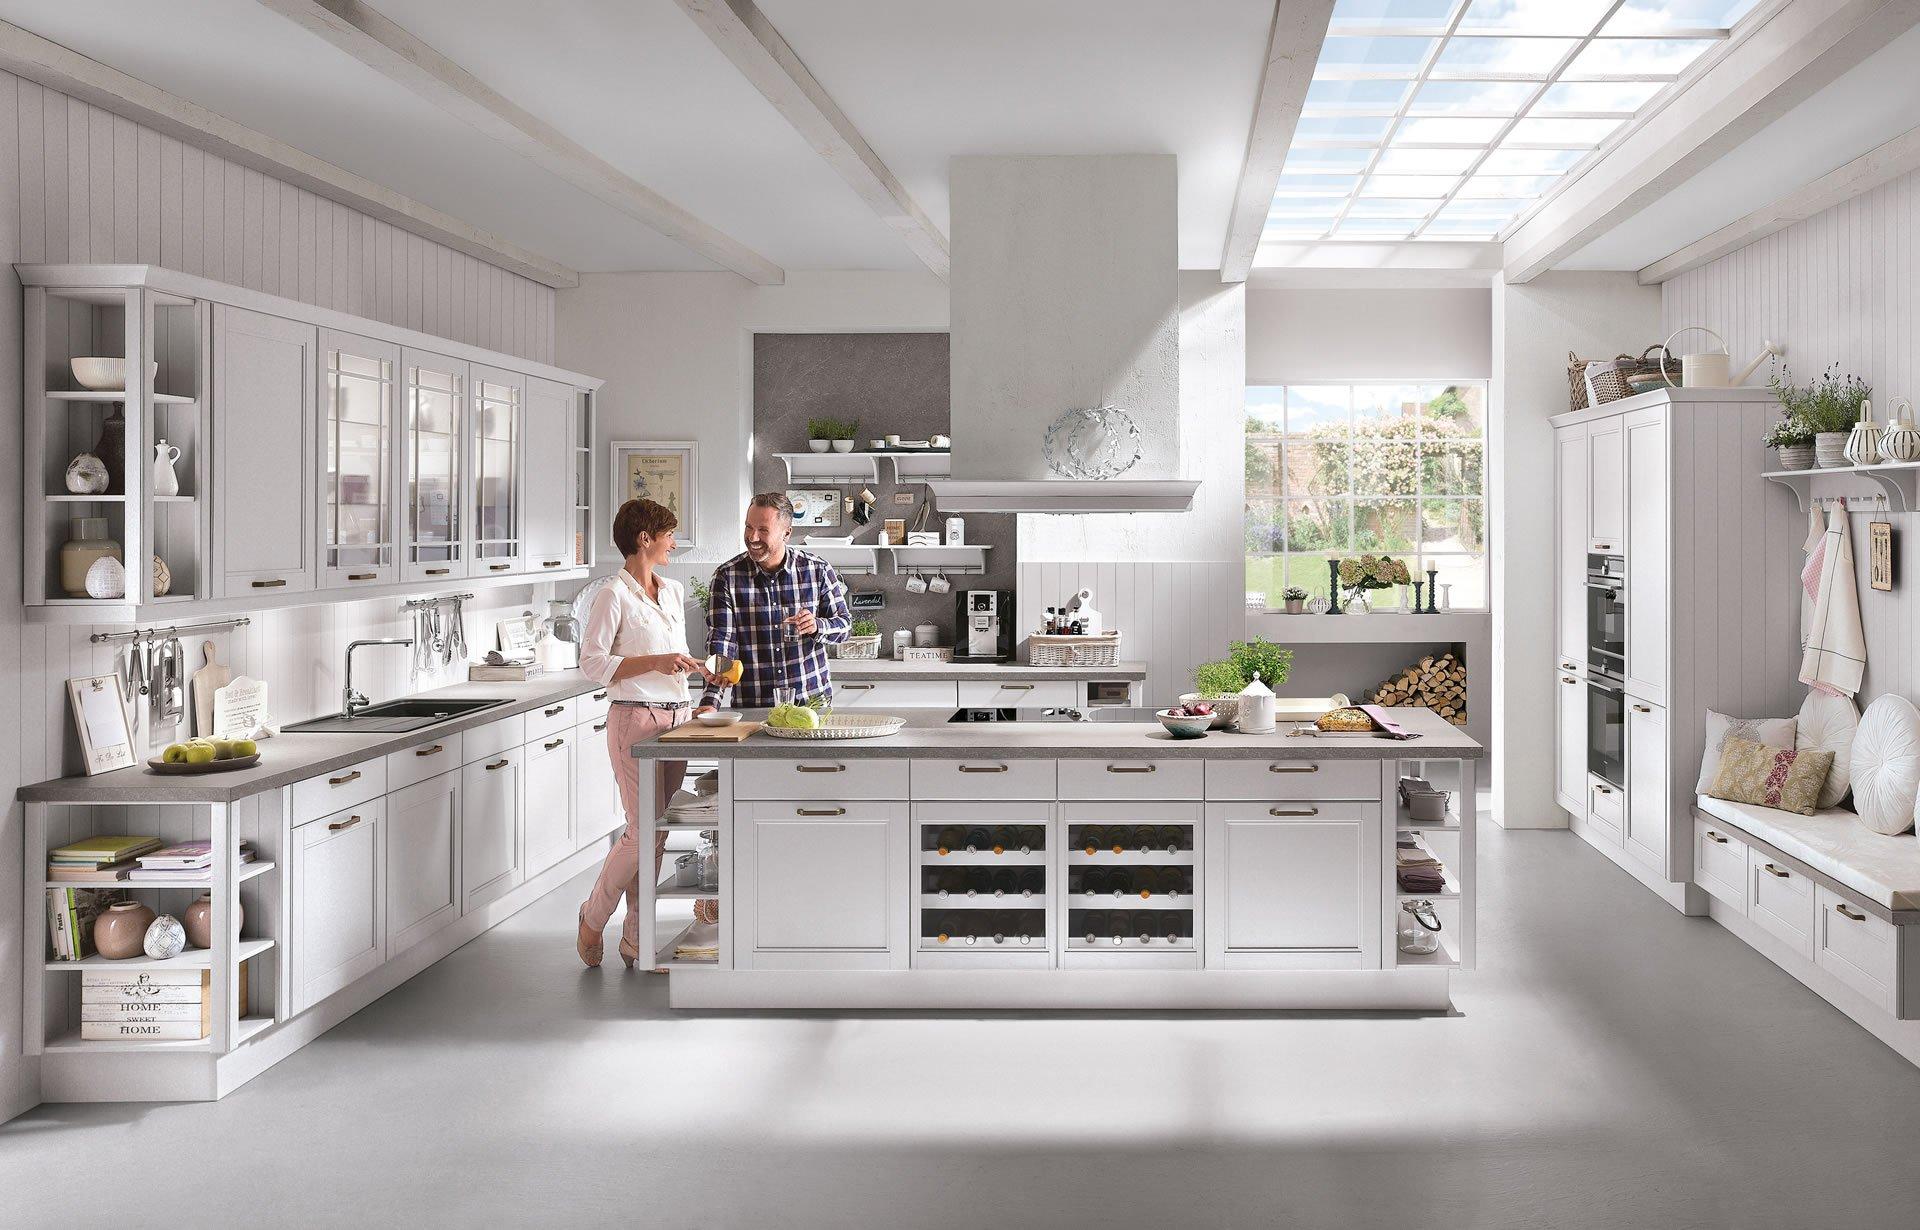 Abitazione con cucina ad isola